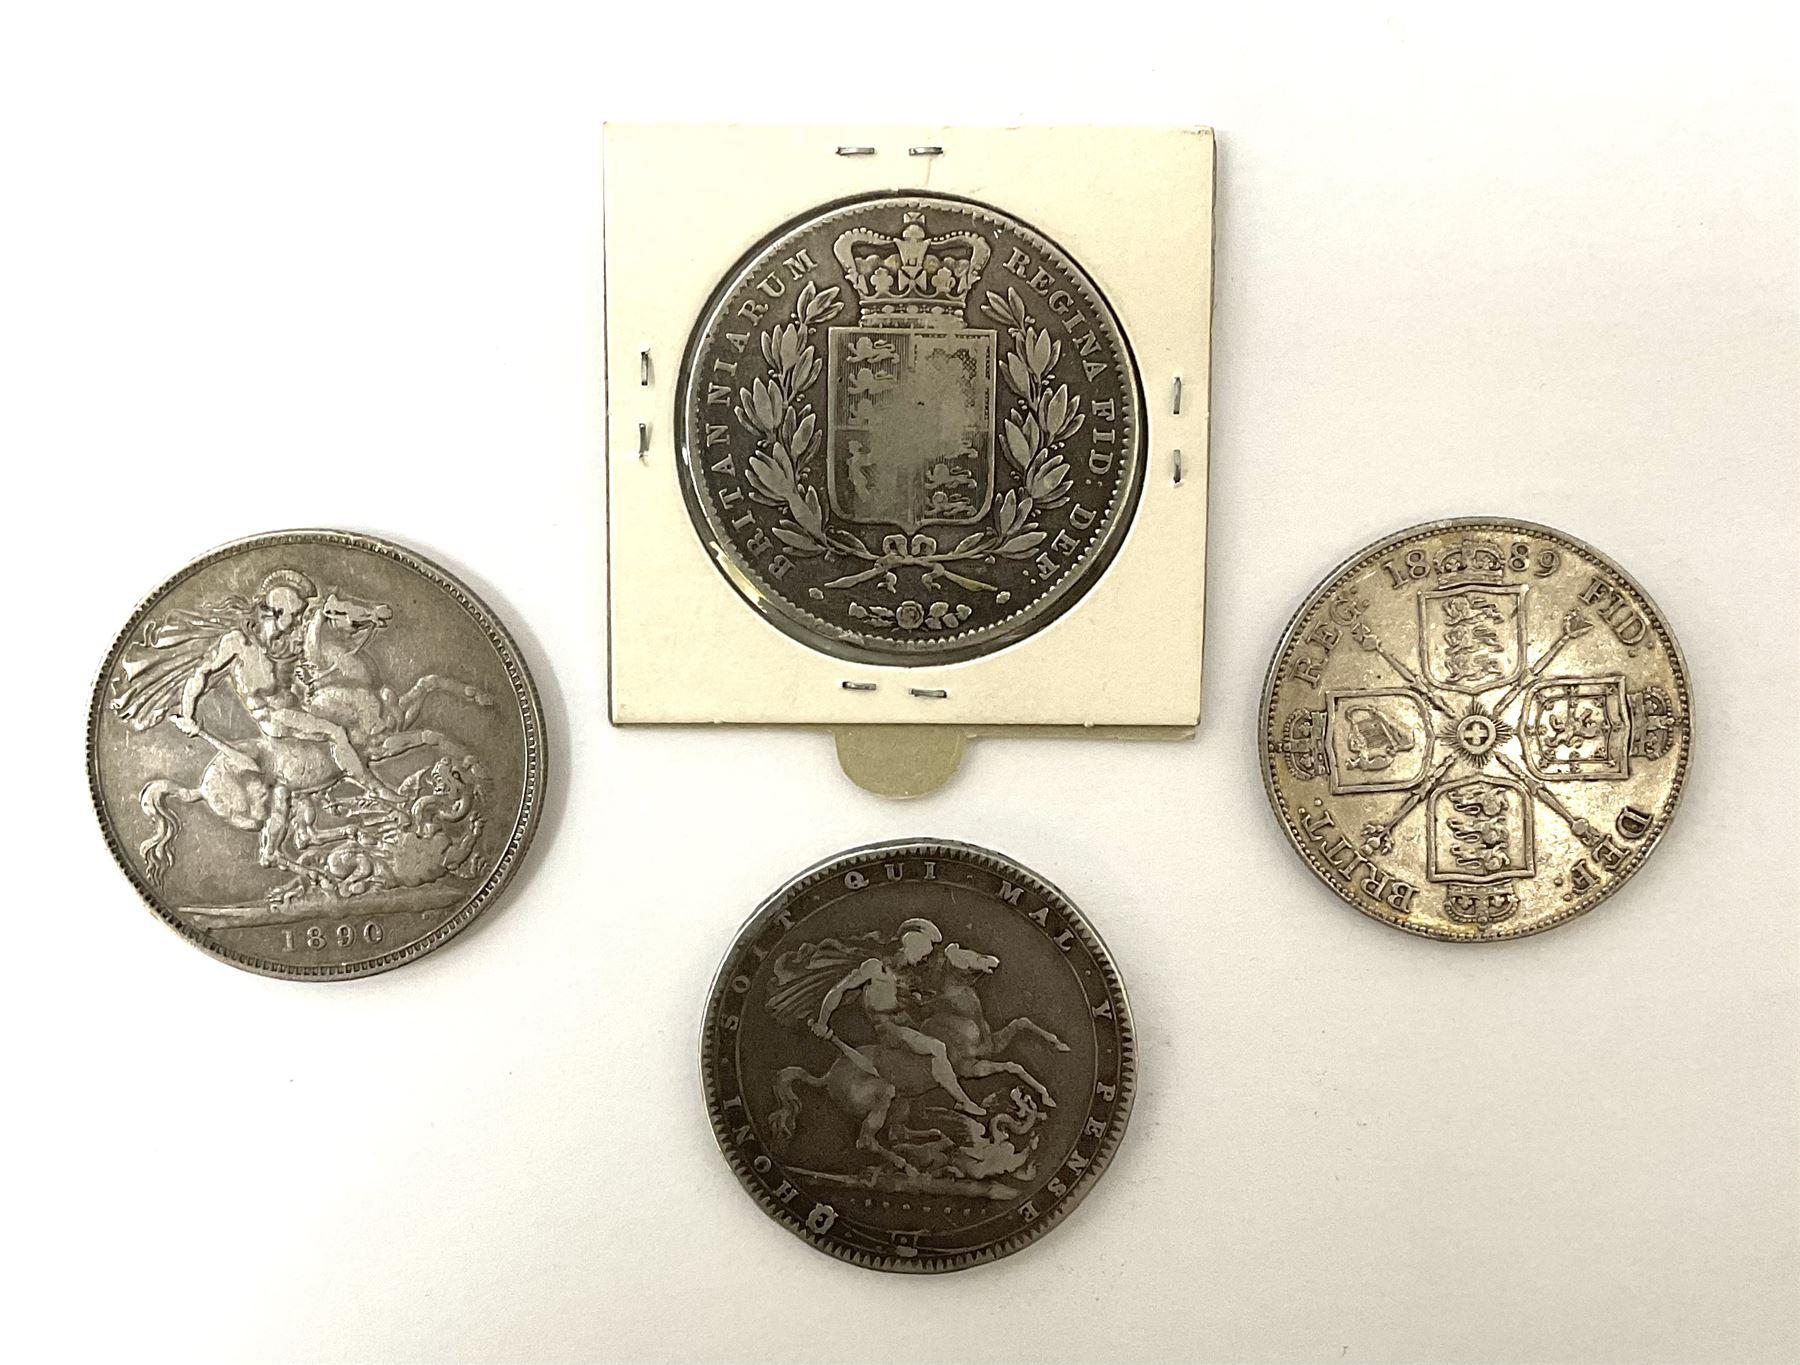 King George III 1920 crown - Image 3 of 4